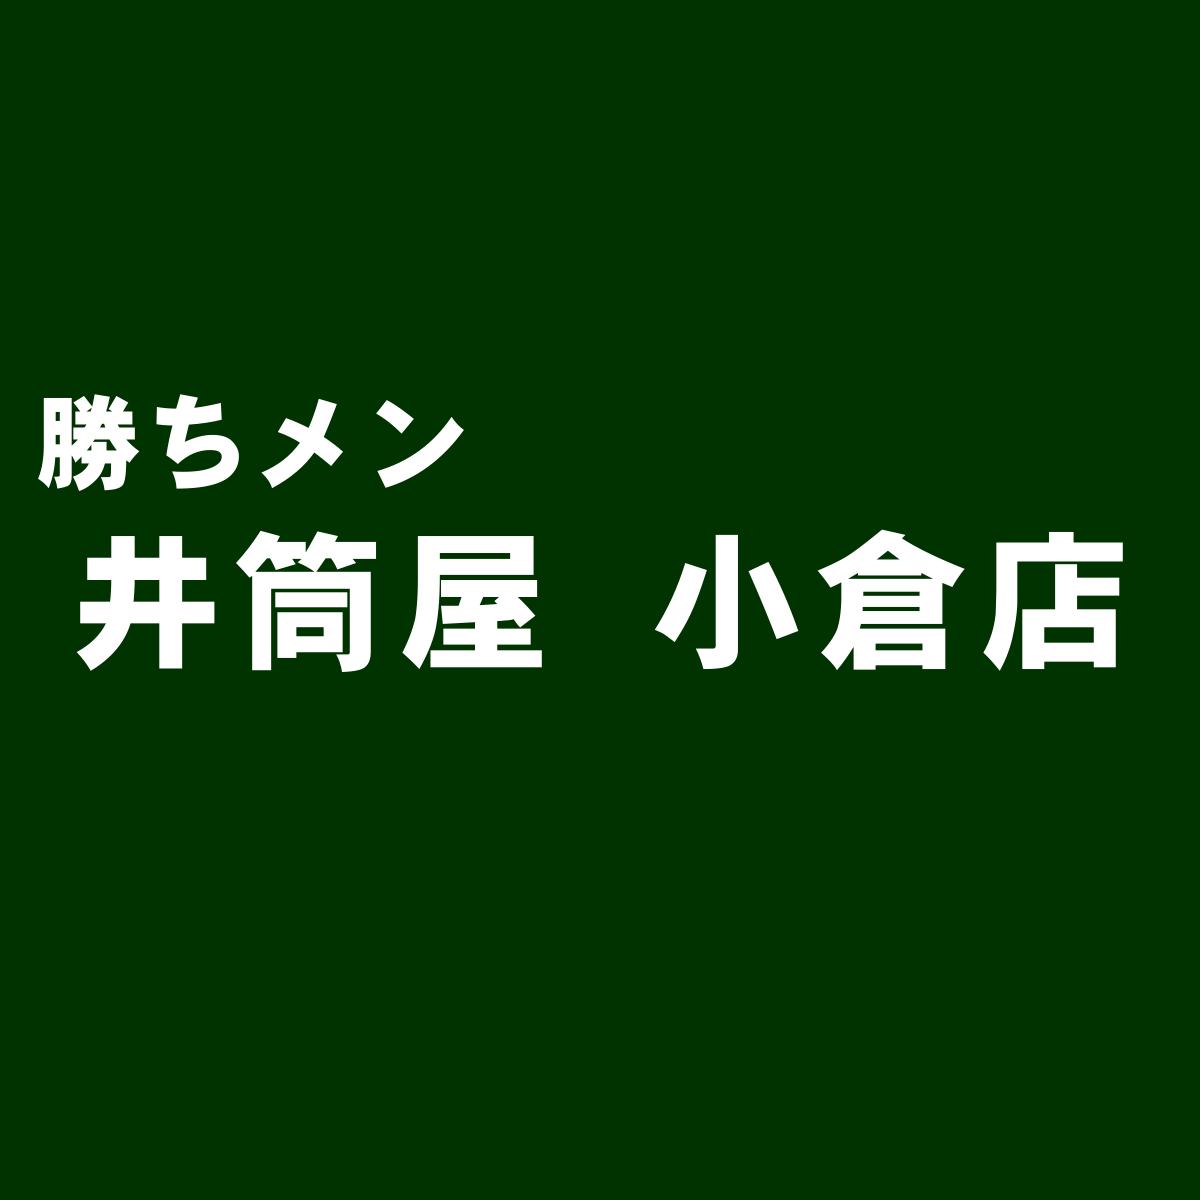 井筒屋 小倉店